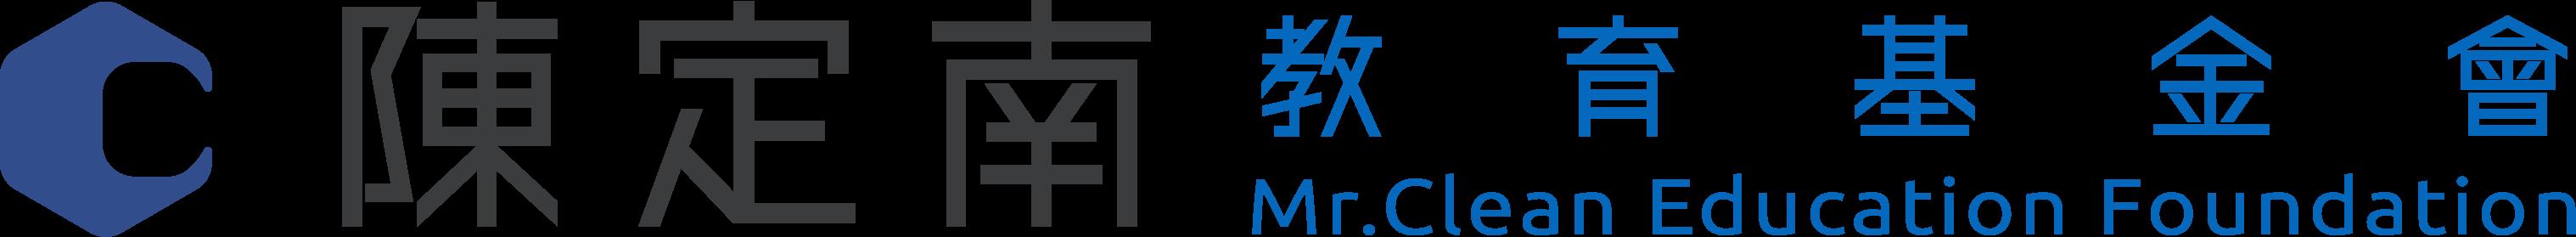 陳定南教育基金會